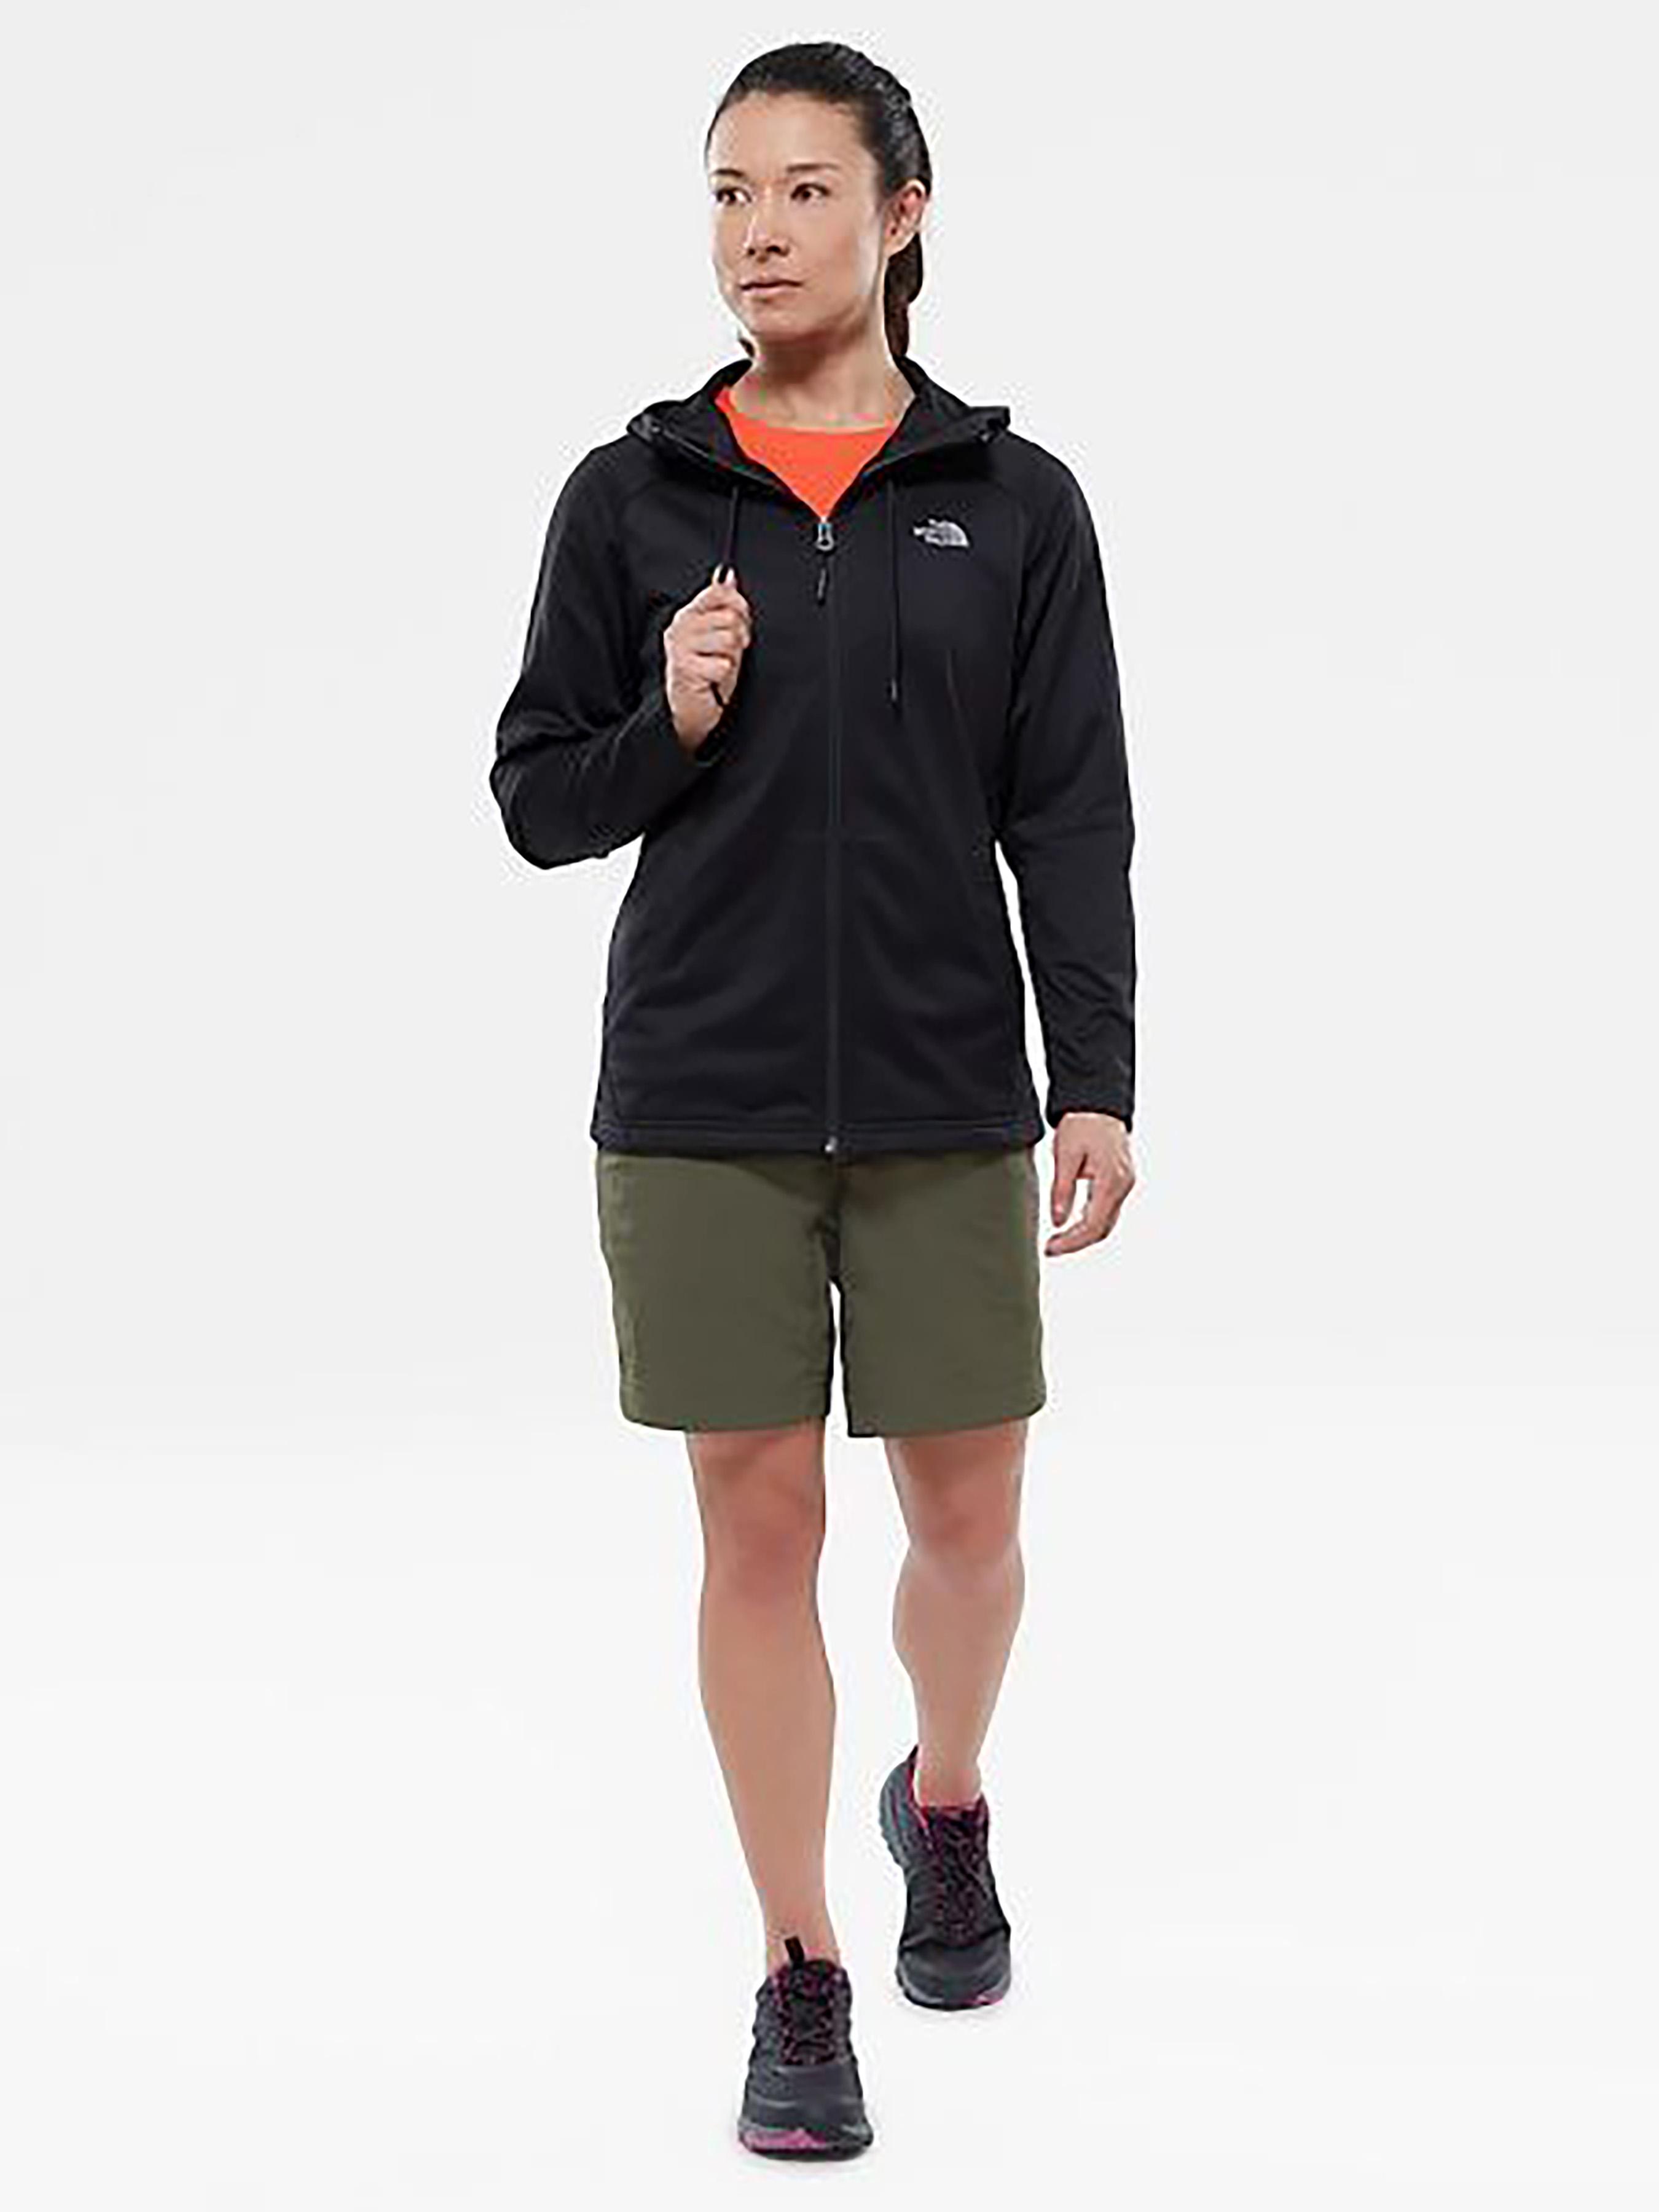 Кофты и свитера женские The North Face модель N1370 купить, 2017